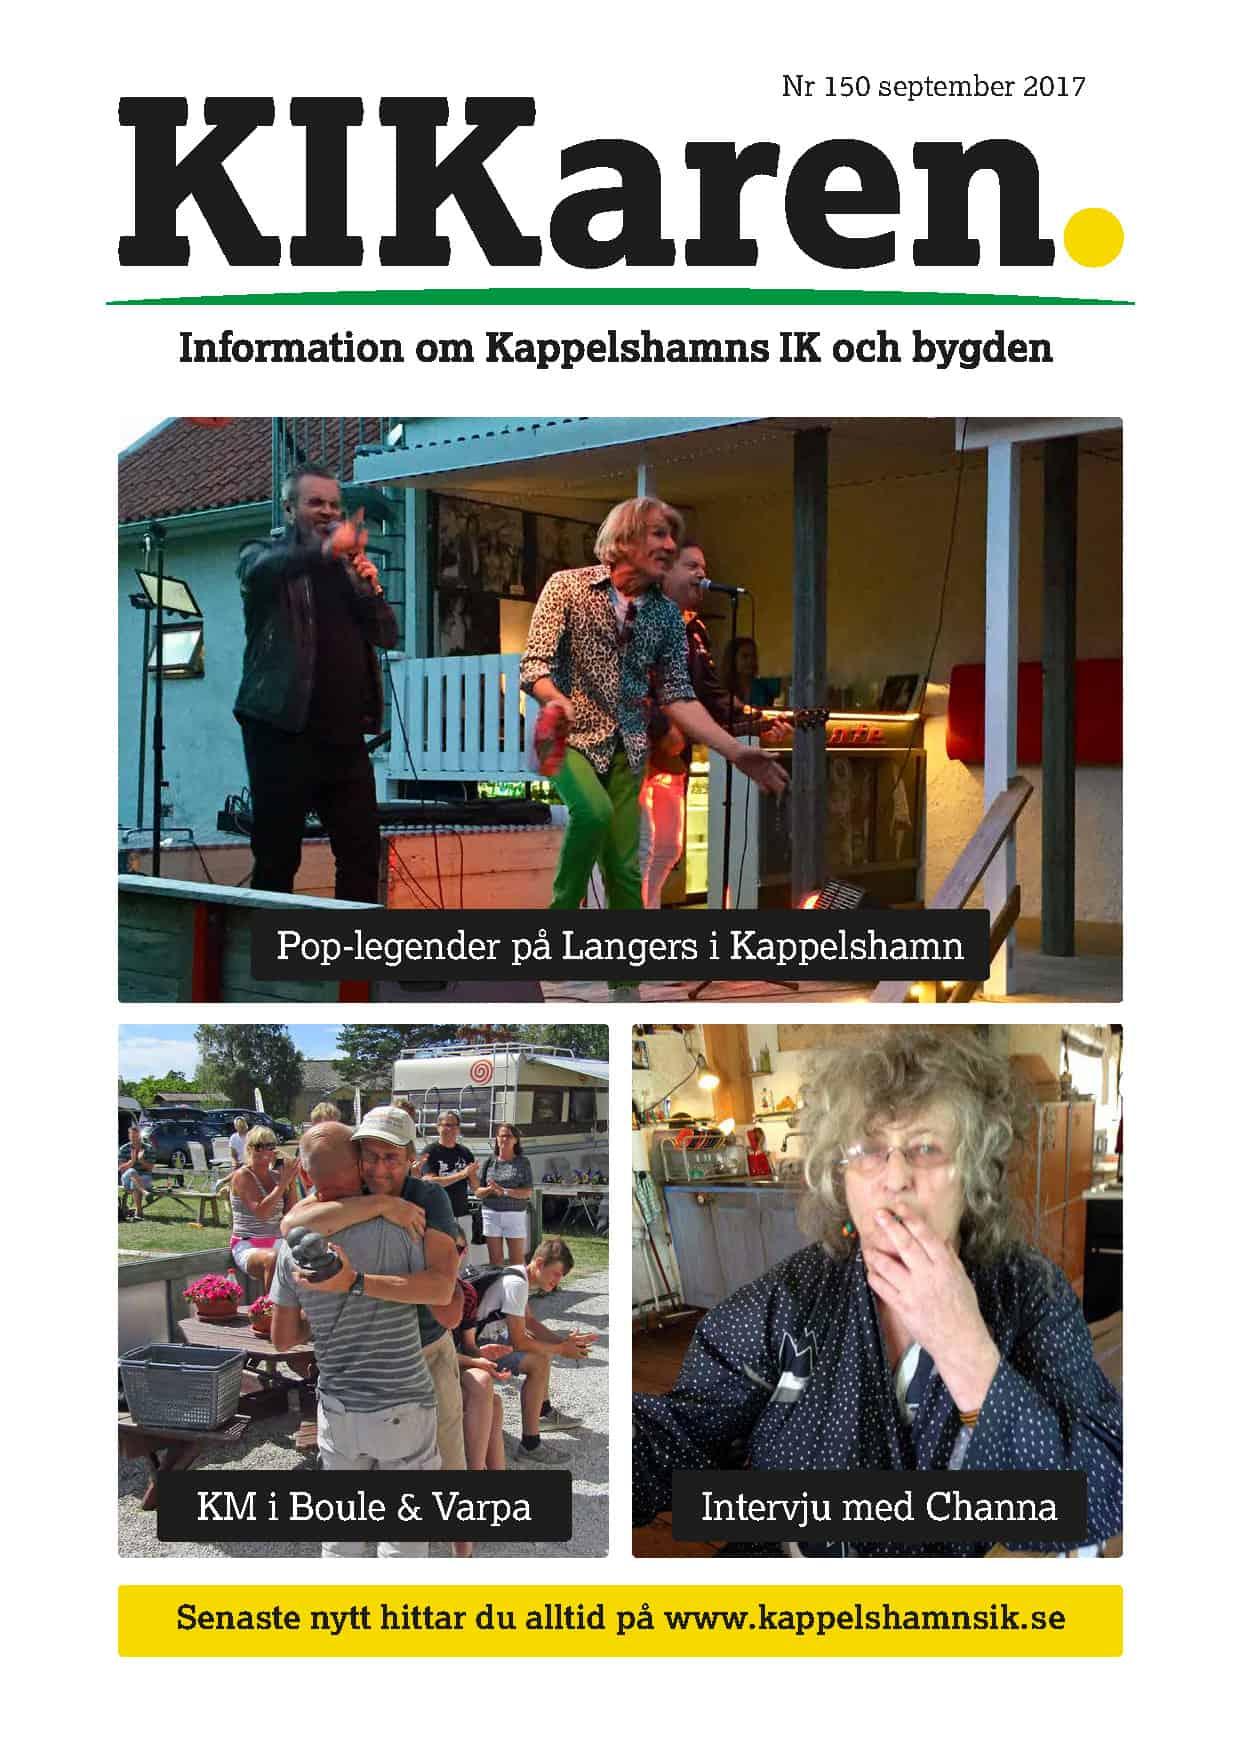 finest selection 4f9cc ade21 Pop-legender på Langers i Kappelshamn KM i Boule   Varpa Intervju med Channa